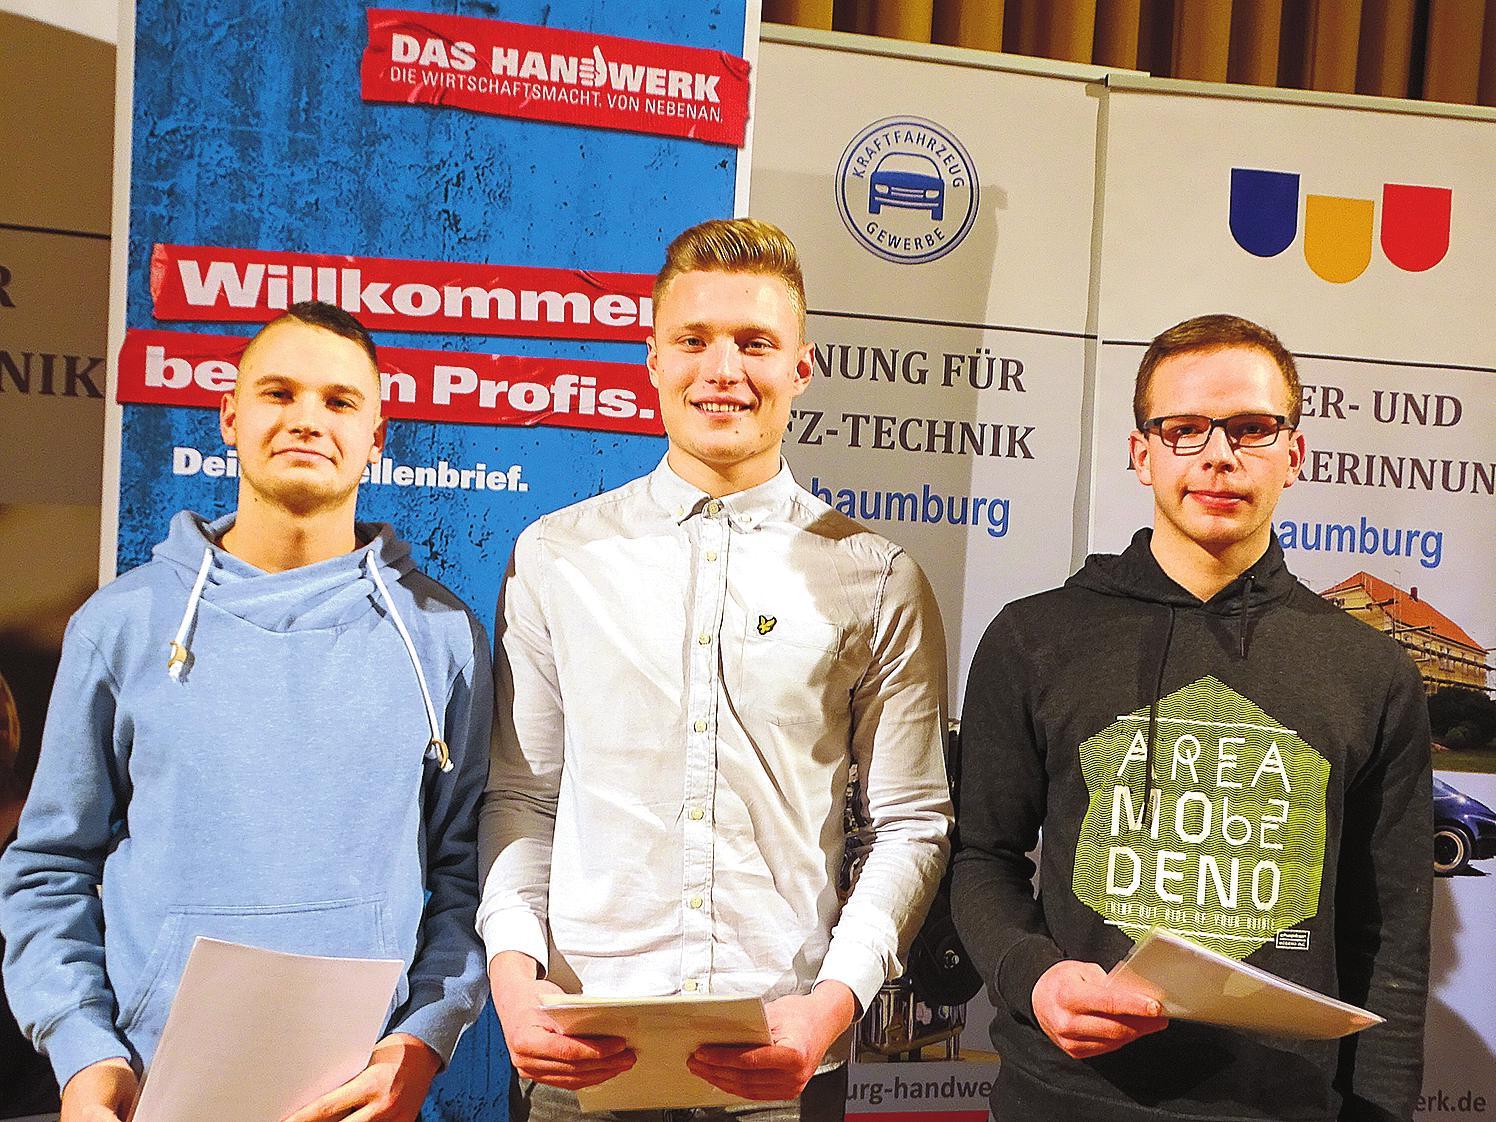 Maurer: Nico Dreier, Justin Kunze (beide Söffker Bau, Rinteln), Lewis Paul Tatum (Deister Baukonzept, Barsinghausen